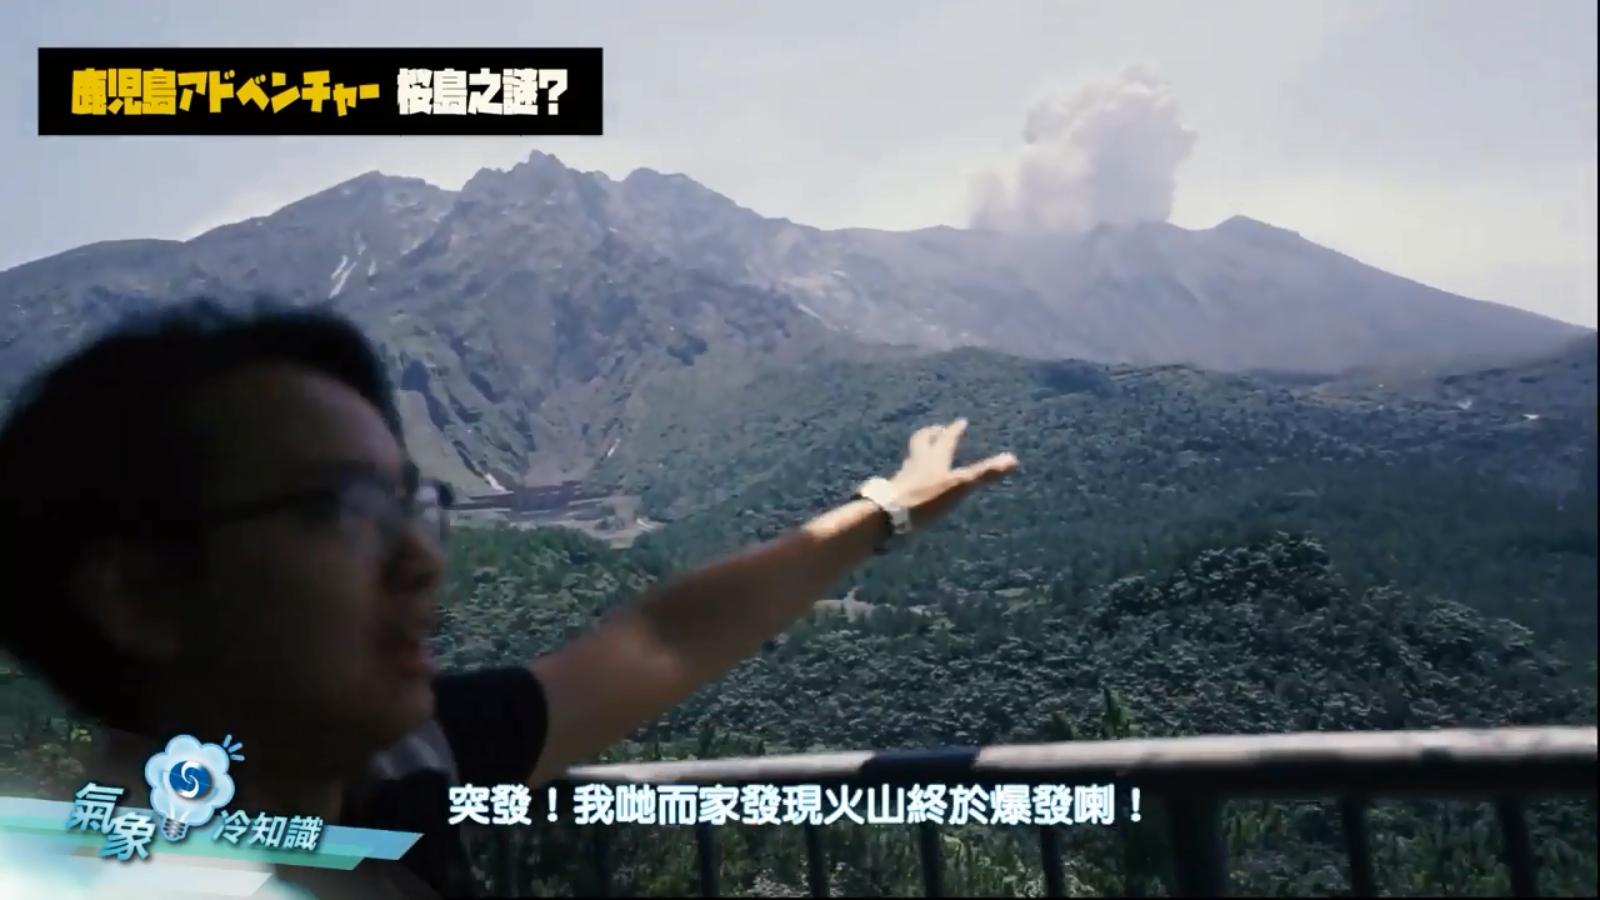 新一集《氣象冷知識》鬼馬講解火山爆發和全球氣候變化關係。影片截圖